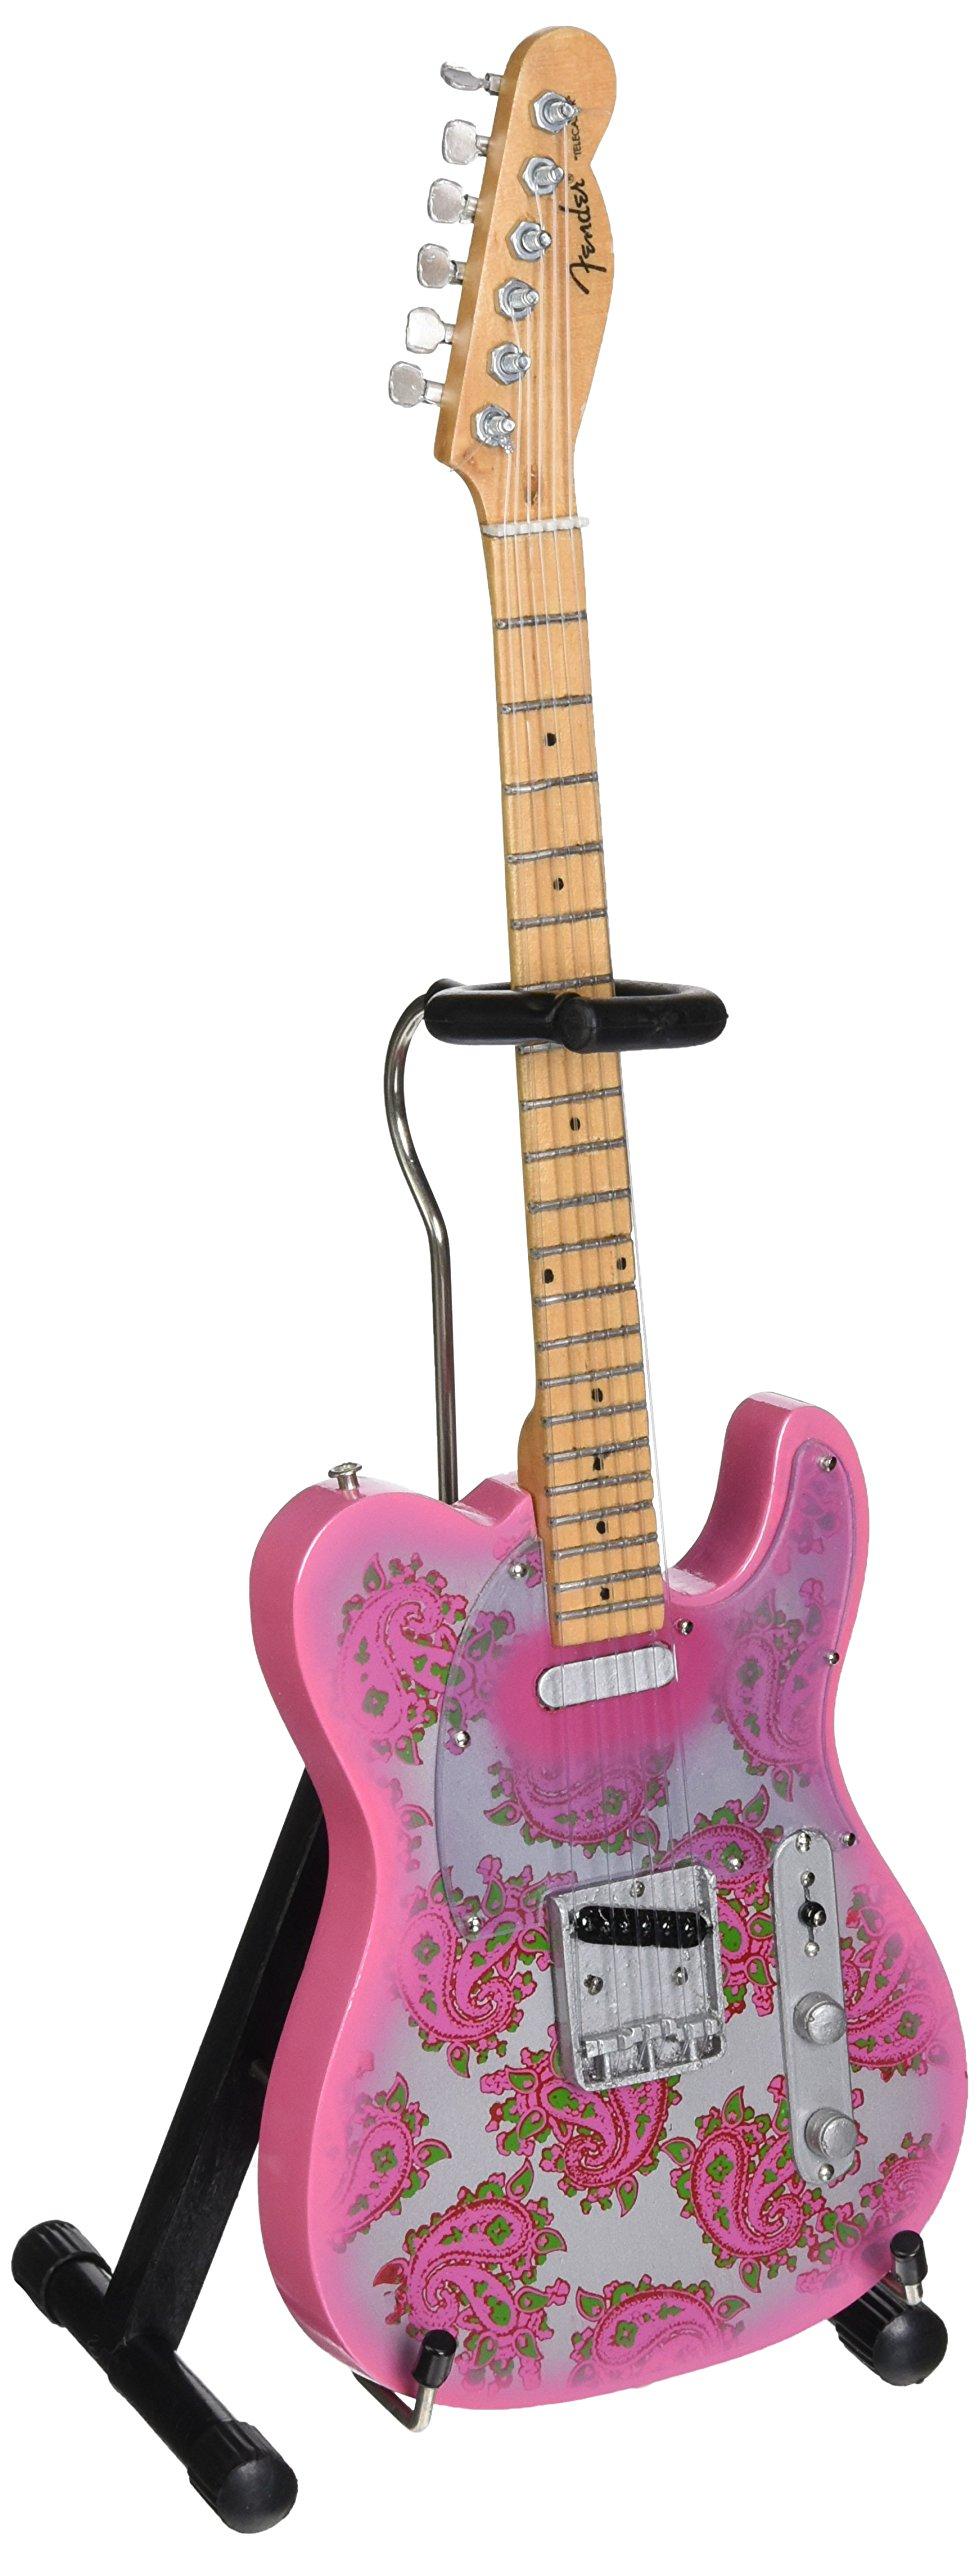 Axe Heaven FT-005 Licensed Fender Telecaster Pink Paisley Mini Guitar